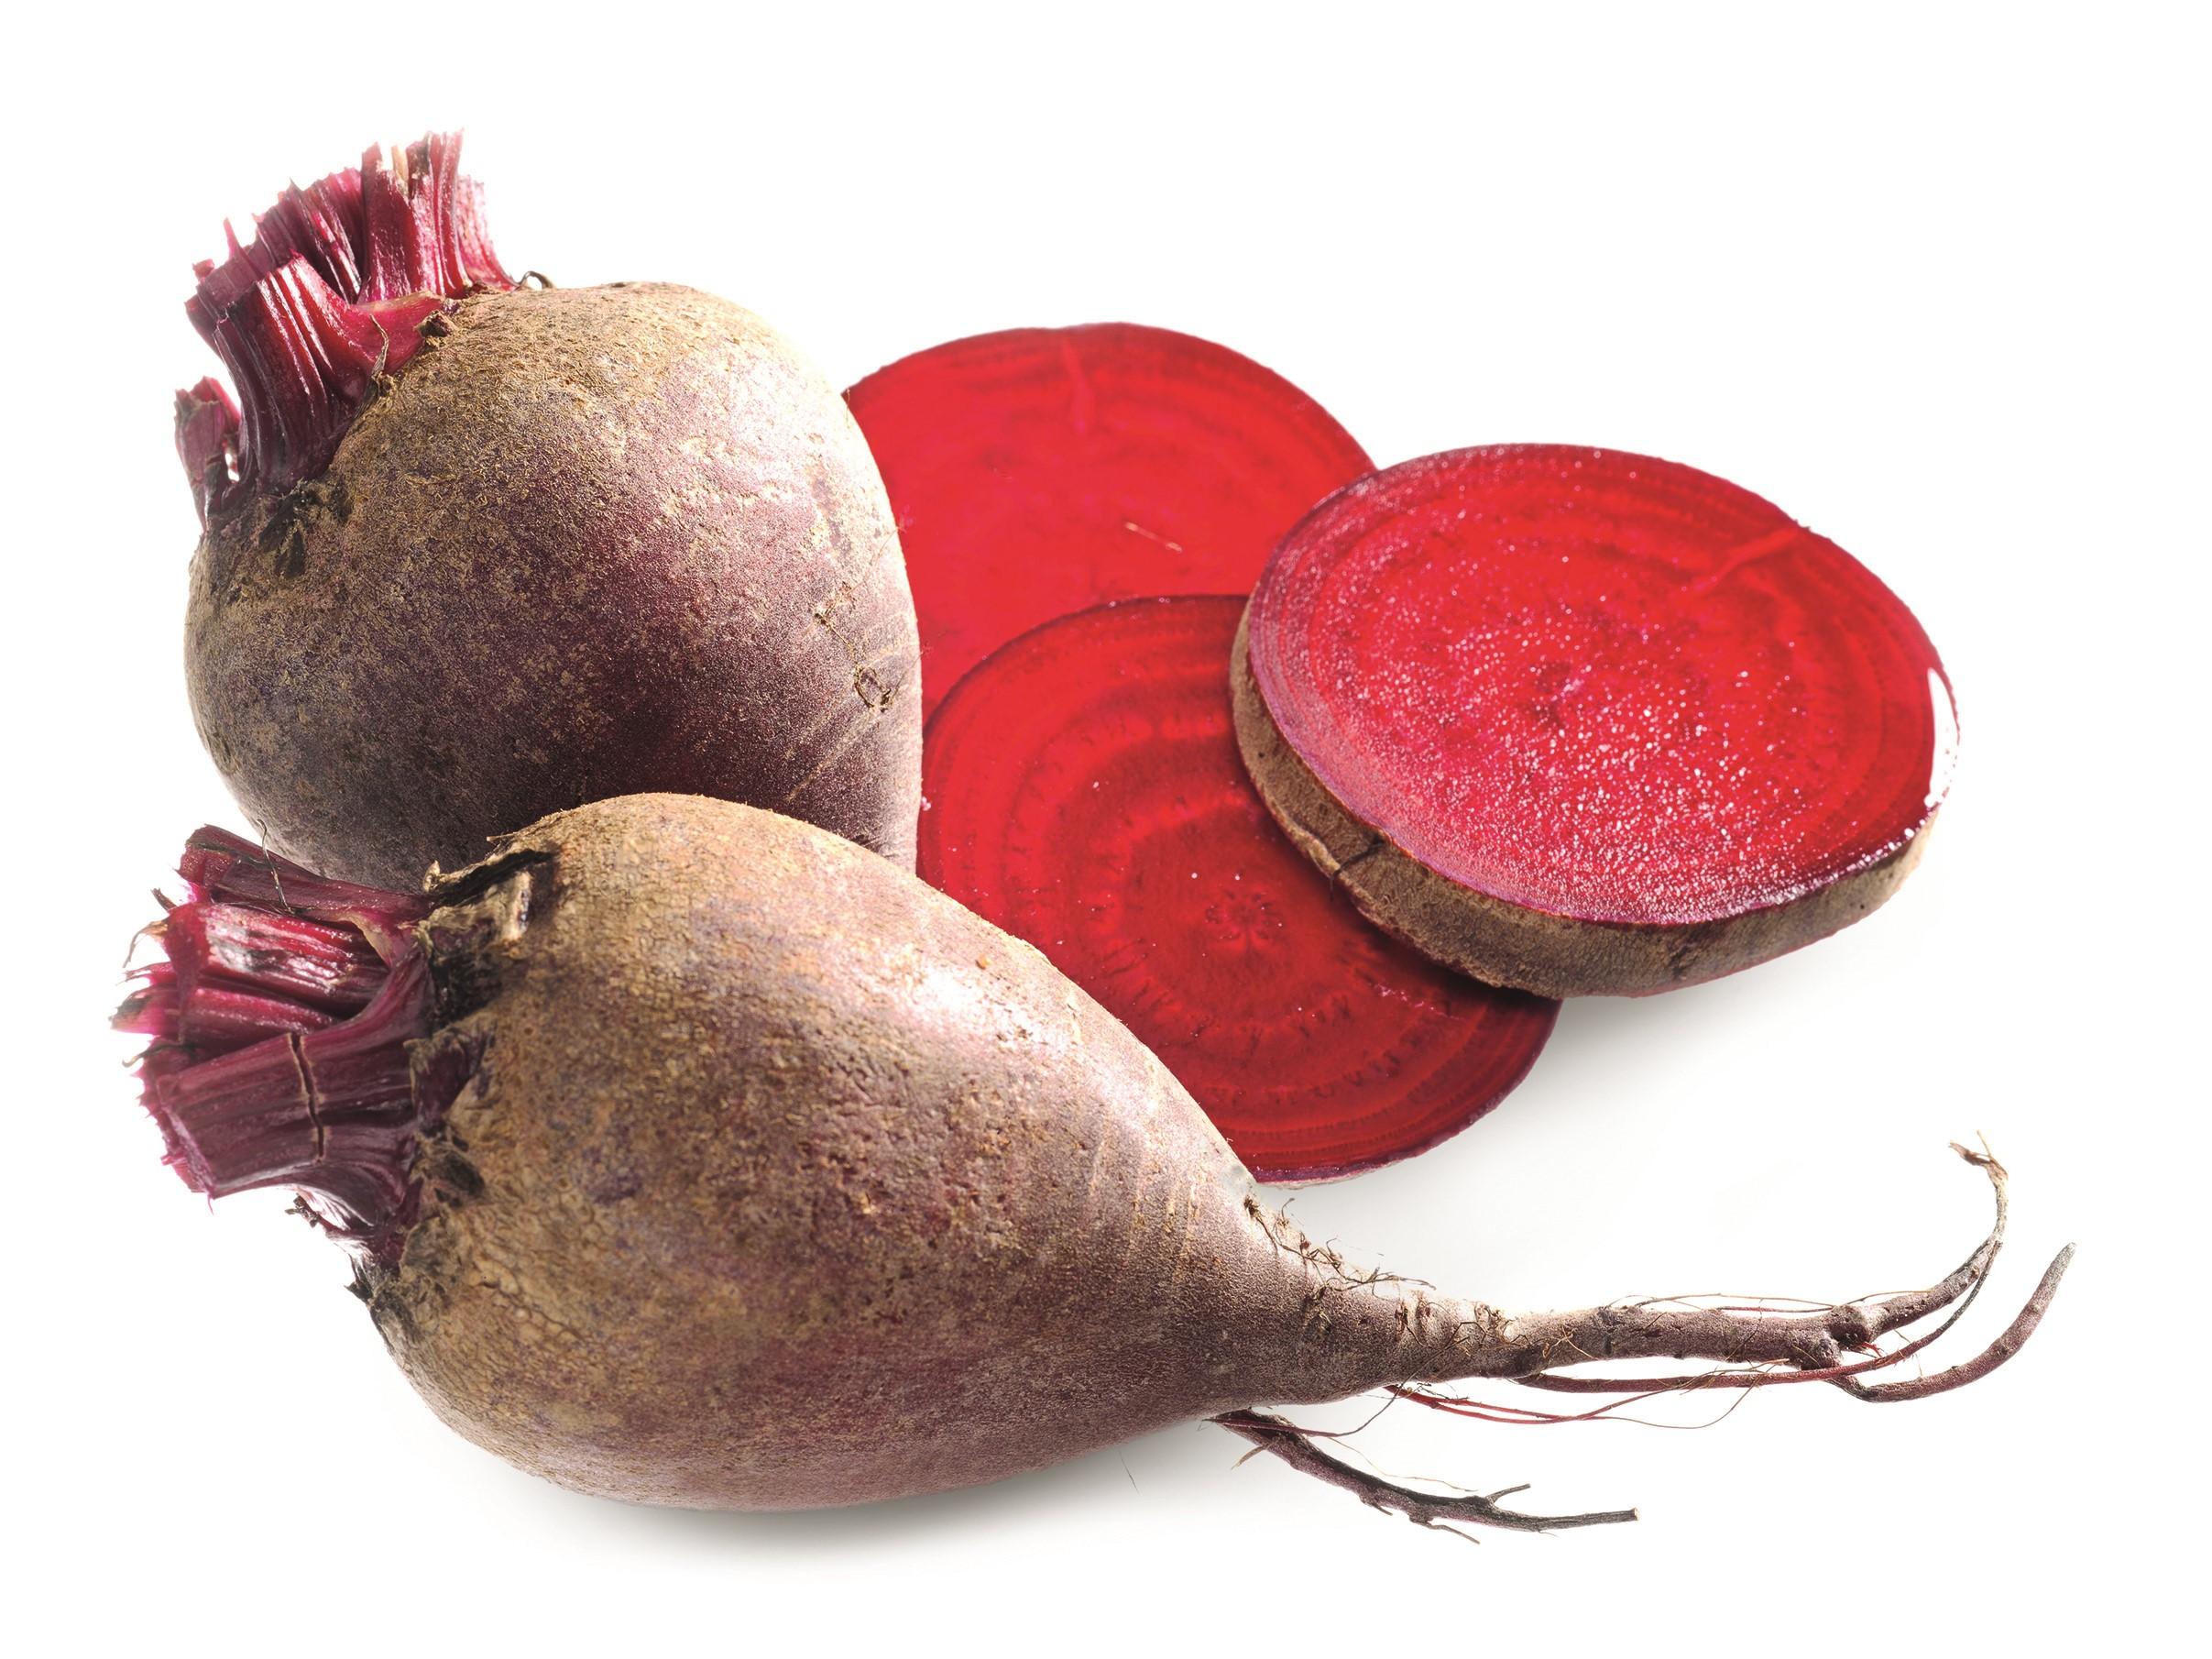 Rote-Bete-Carpaccio mit gebratenen Birnenspalten